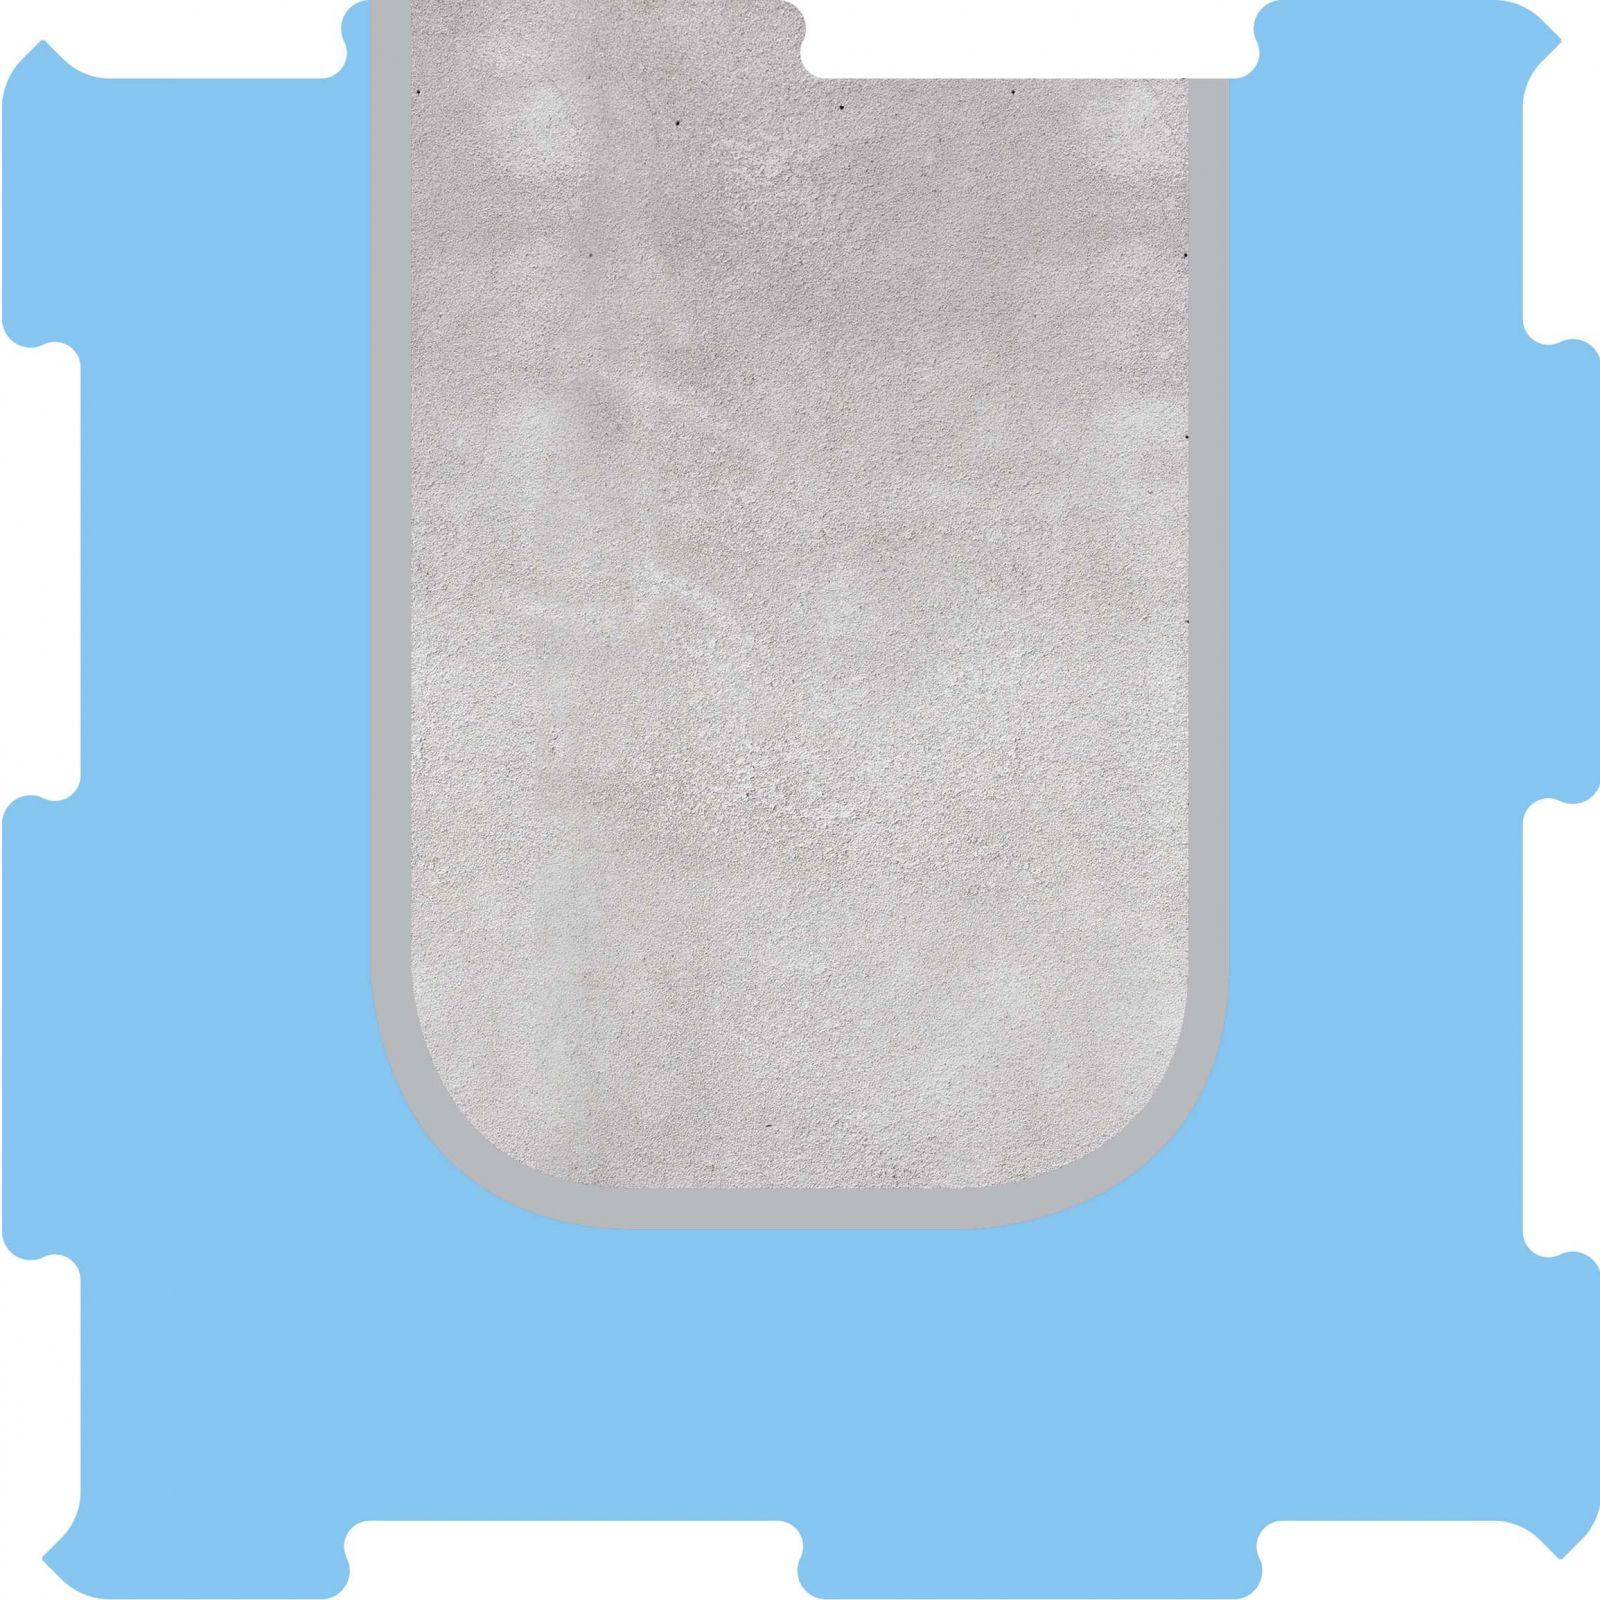 Podlahové puzzle přístav molo konec